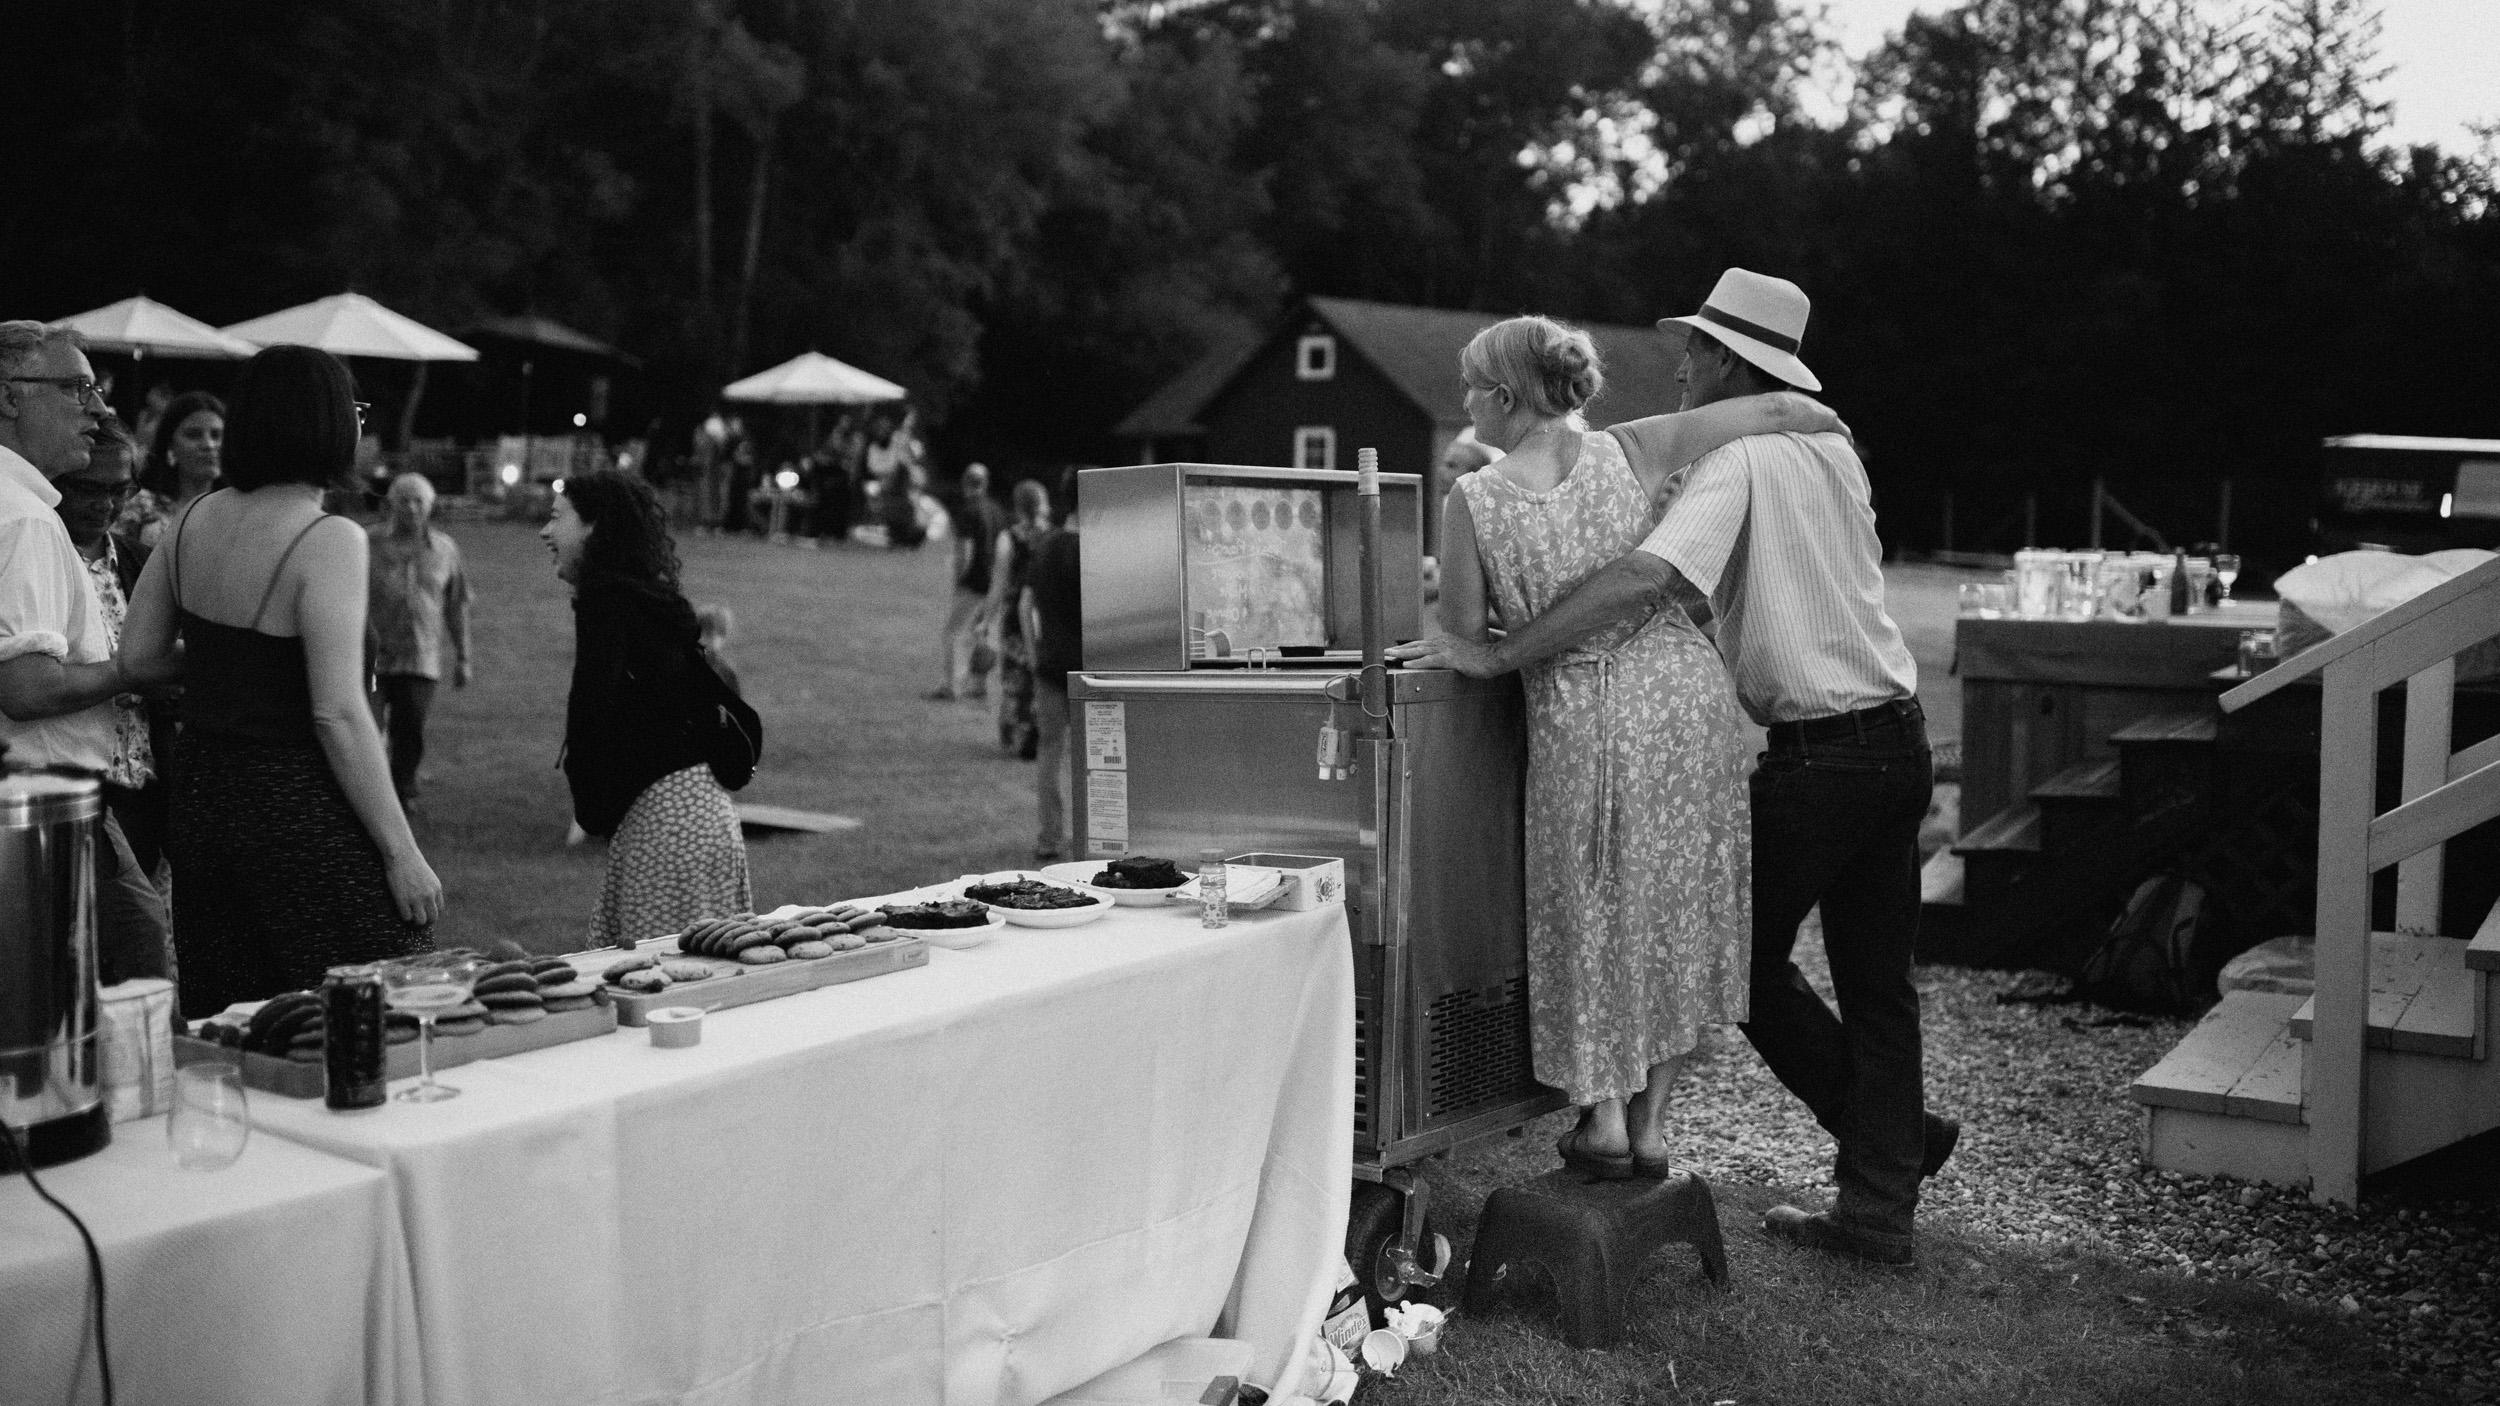 alec_vanderboom_vermont_wedding_photography-0065.jpg